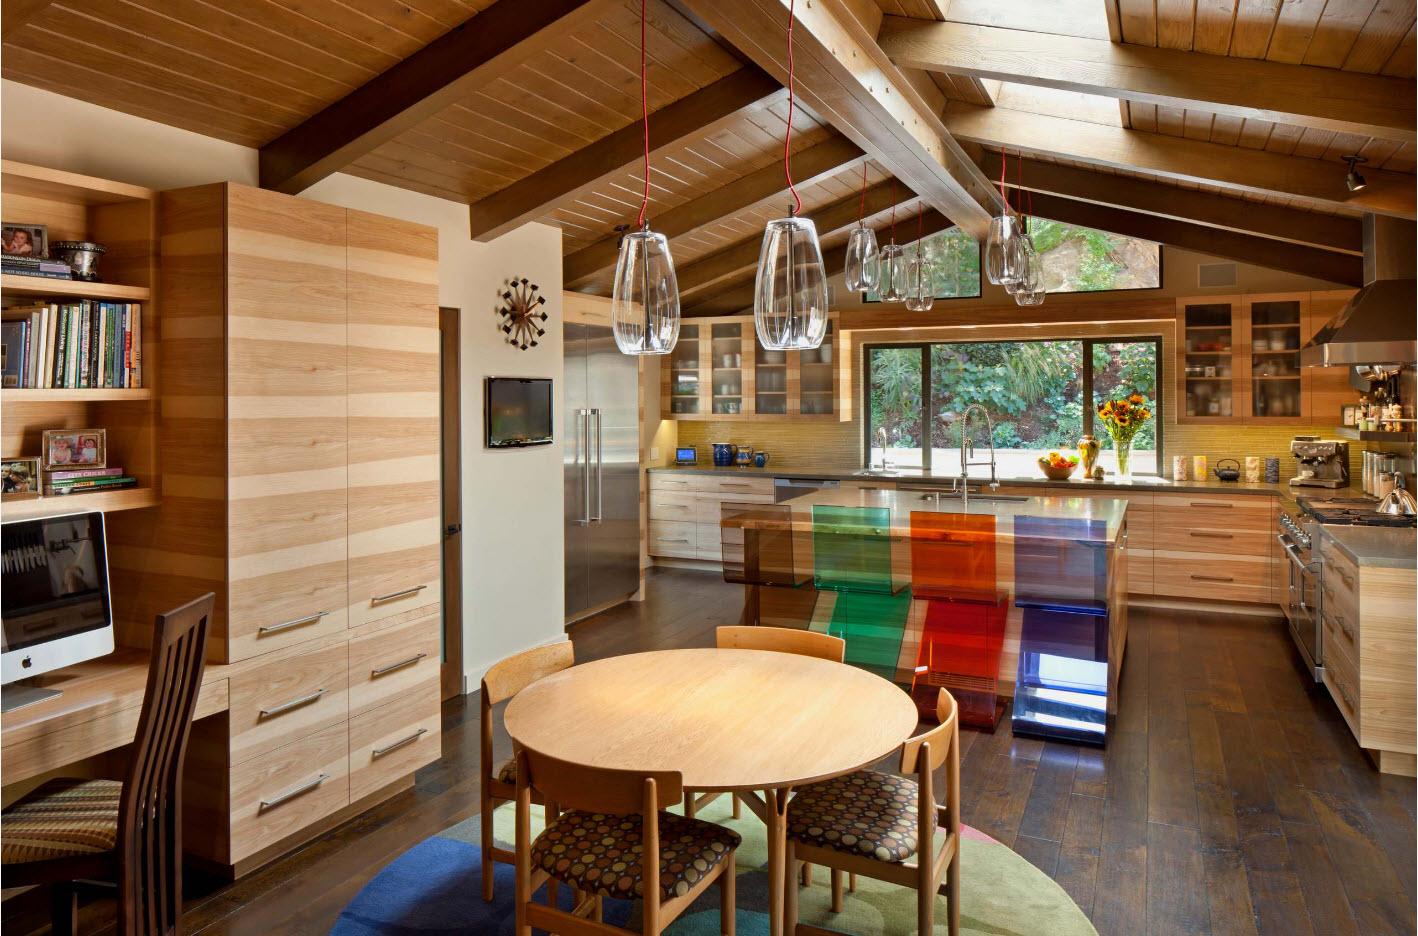 Обилие деревянных поверхностей